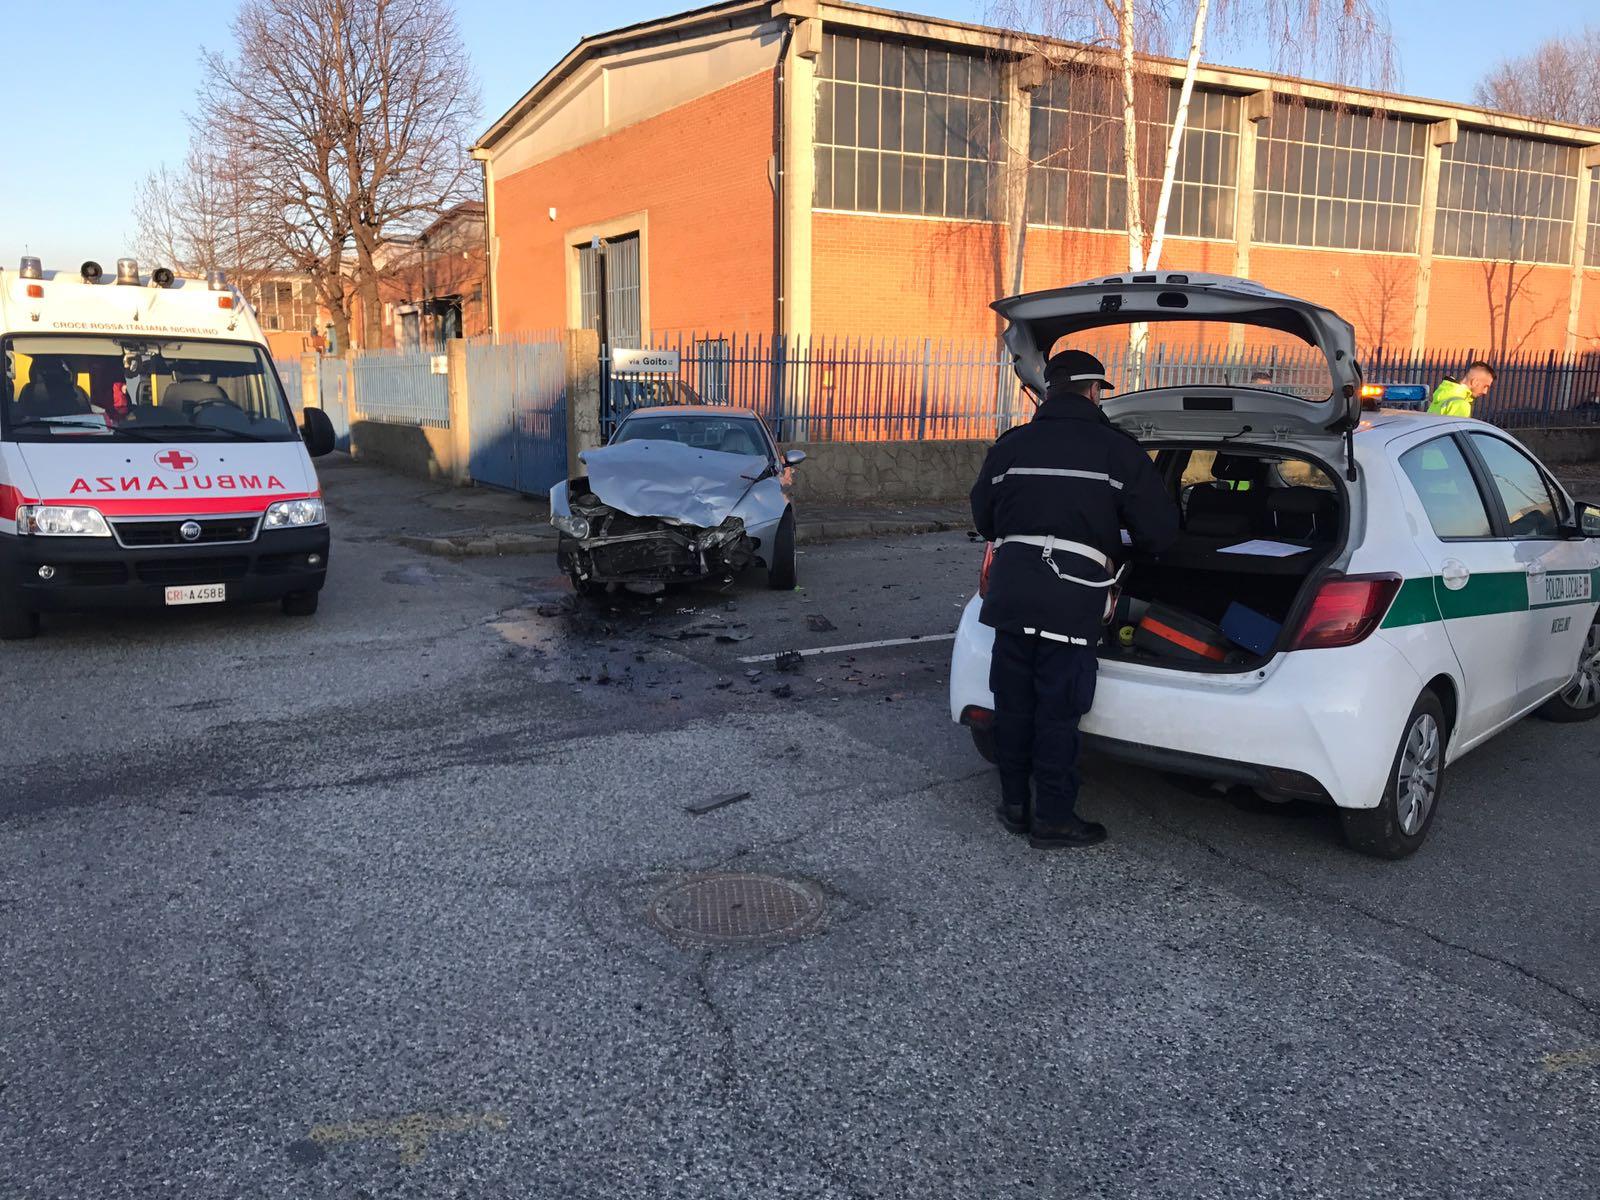 Incidente in via Goito a Nichelino: un ferito